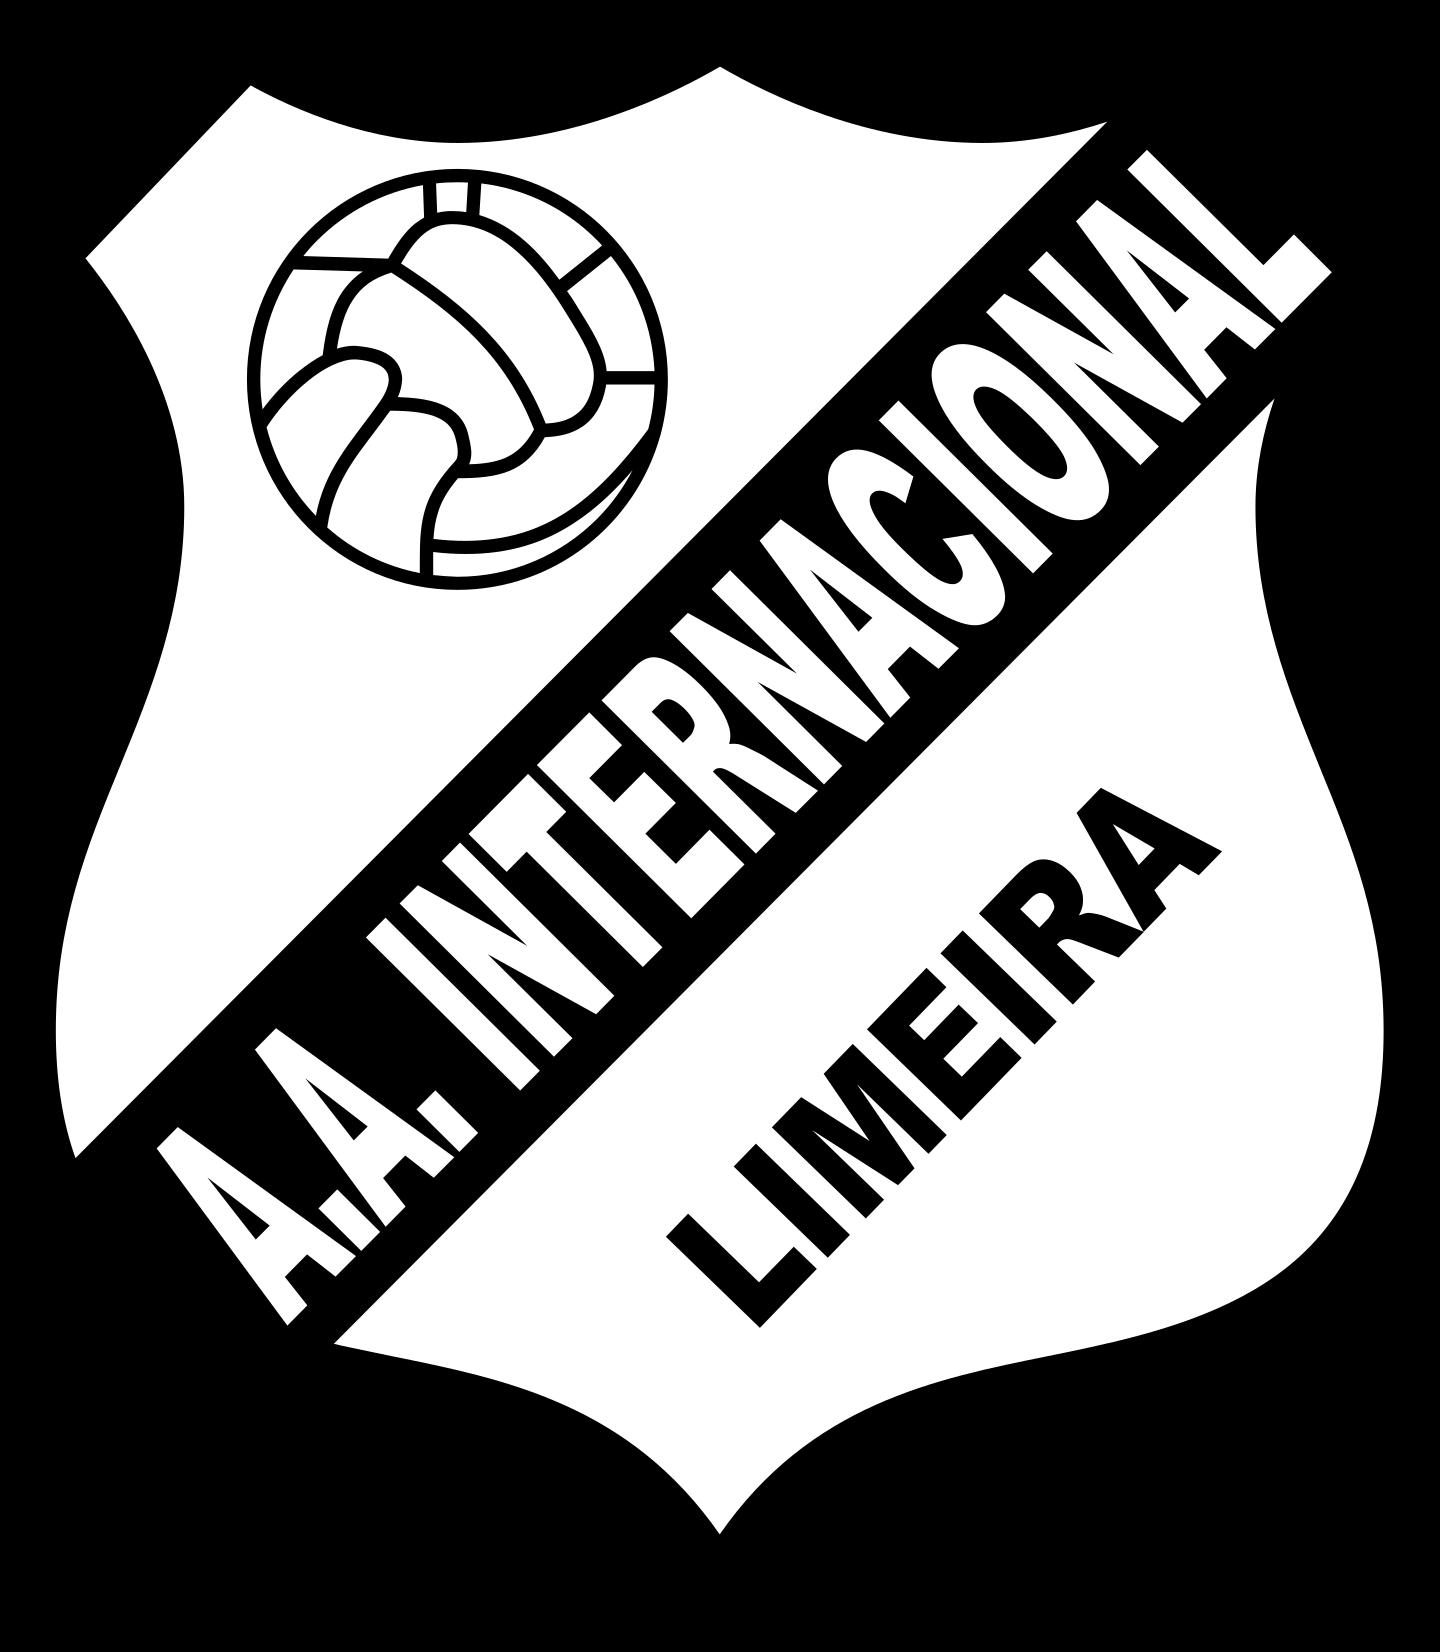 inter limeira logo escudo 2 - Inter de Limeira Logo - Escudo